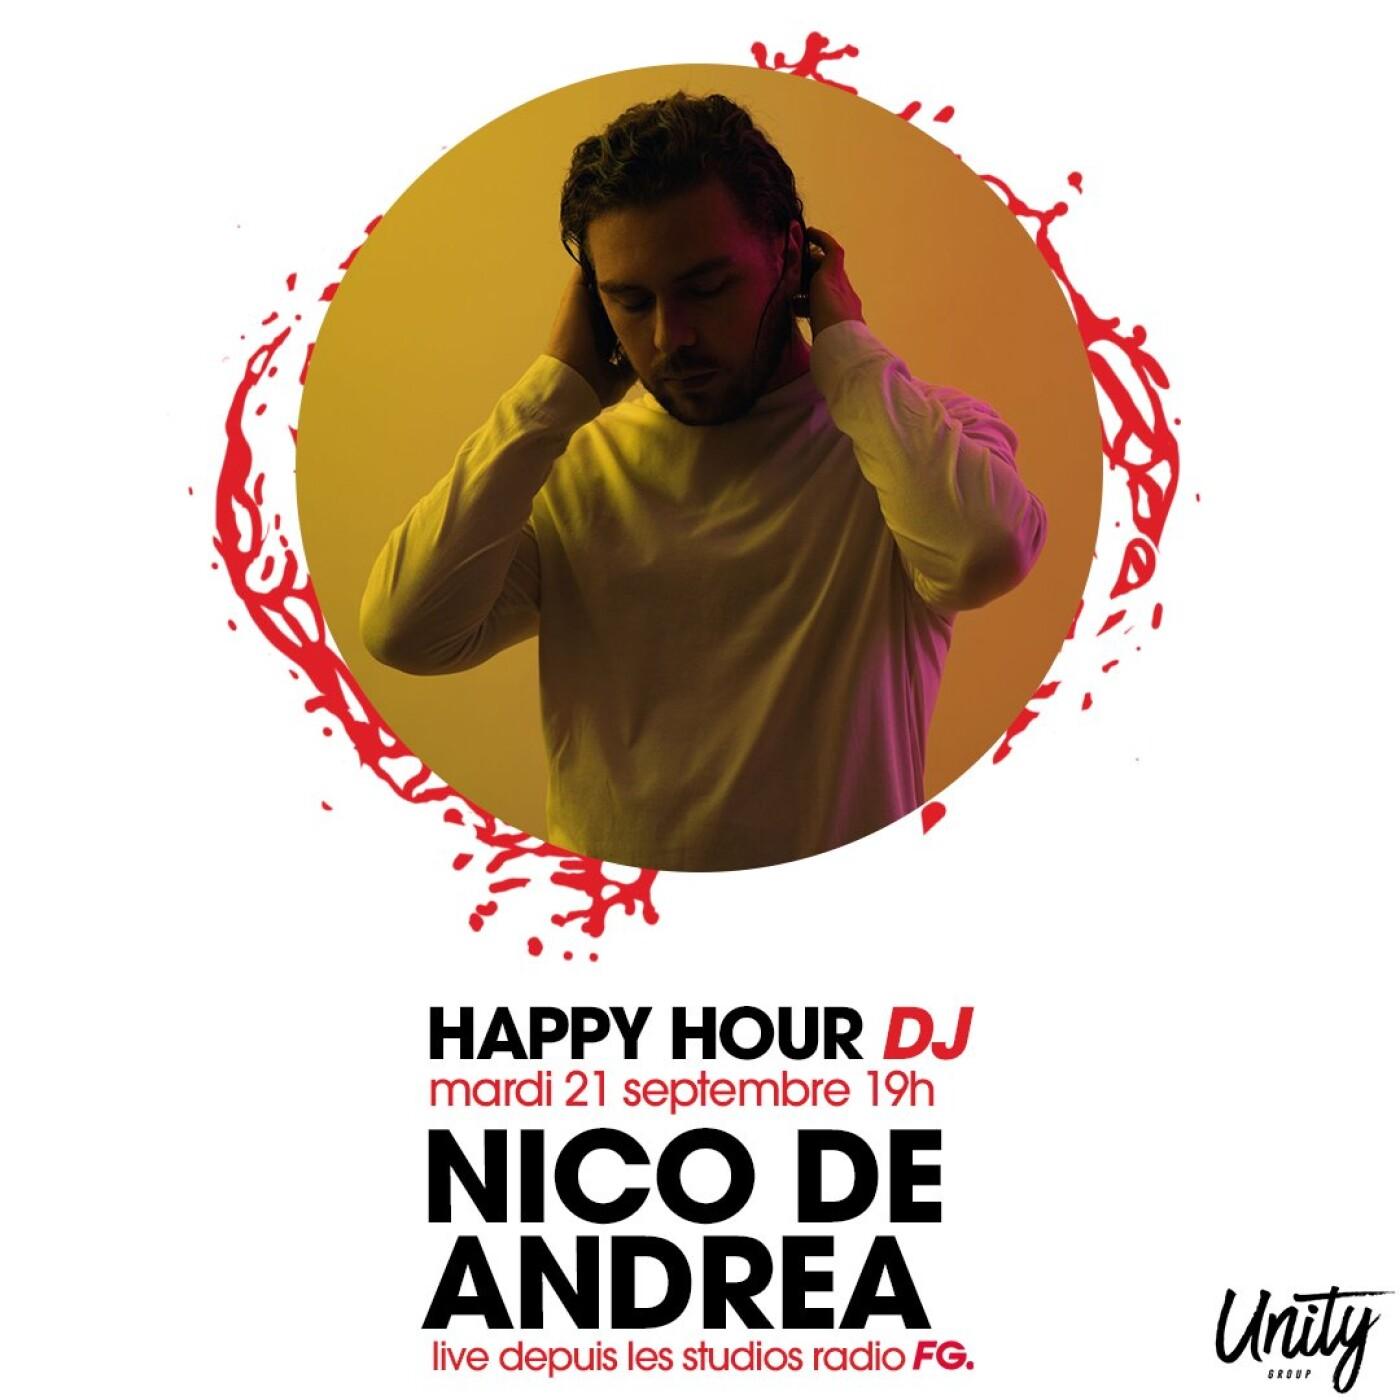 HAPPY HOUR DJ : NICO DE ANDREA